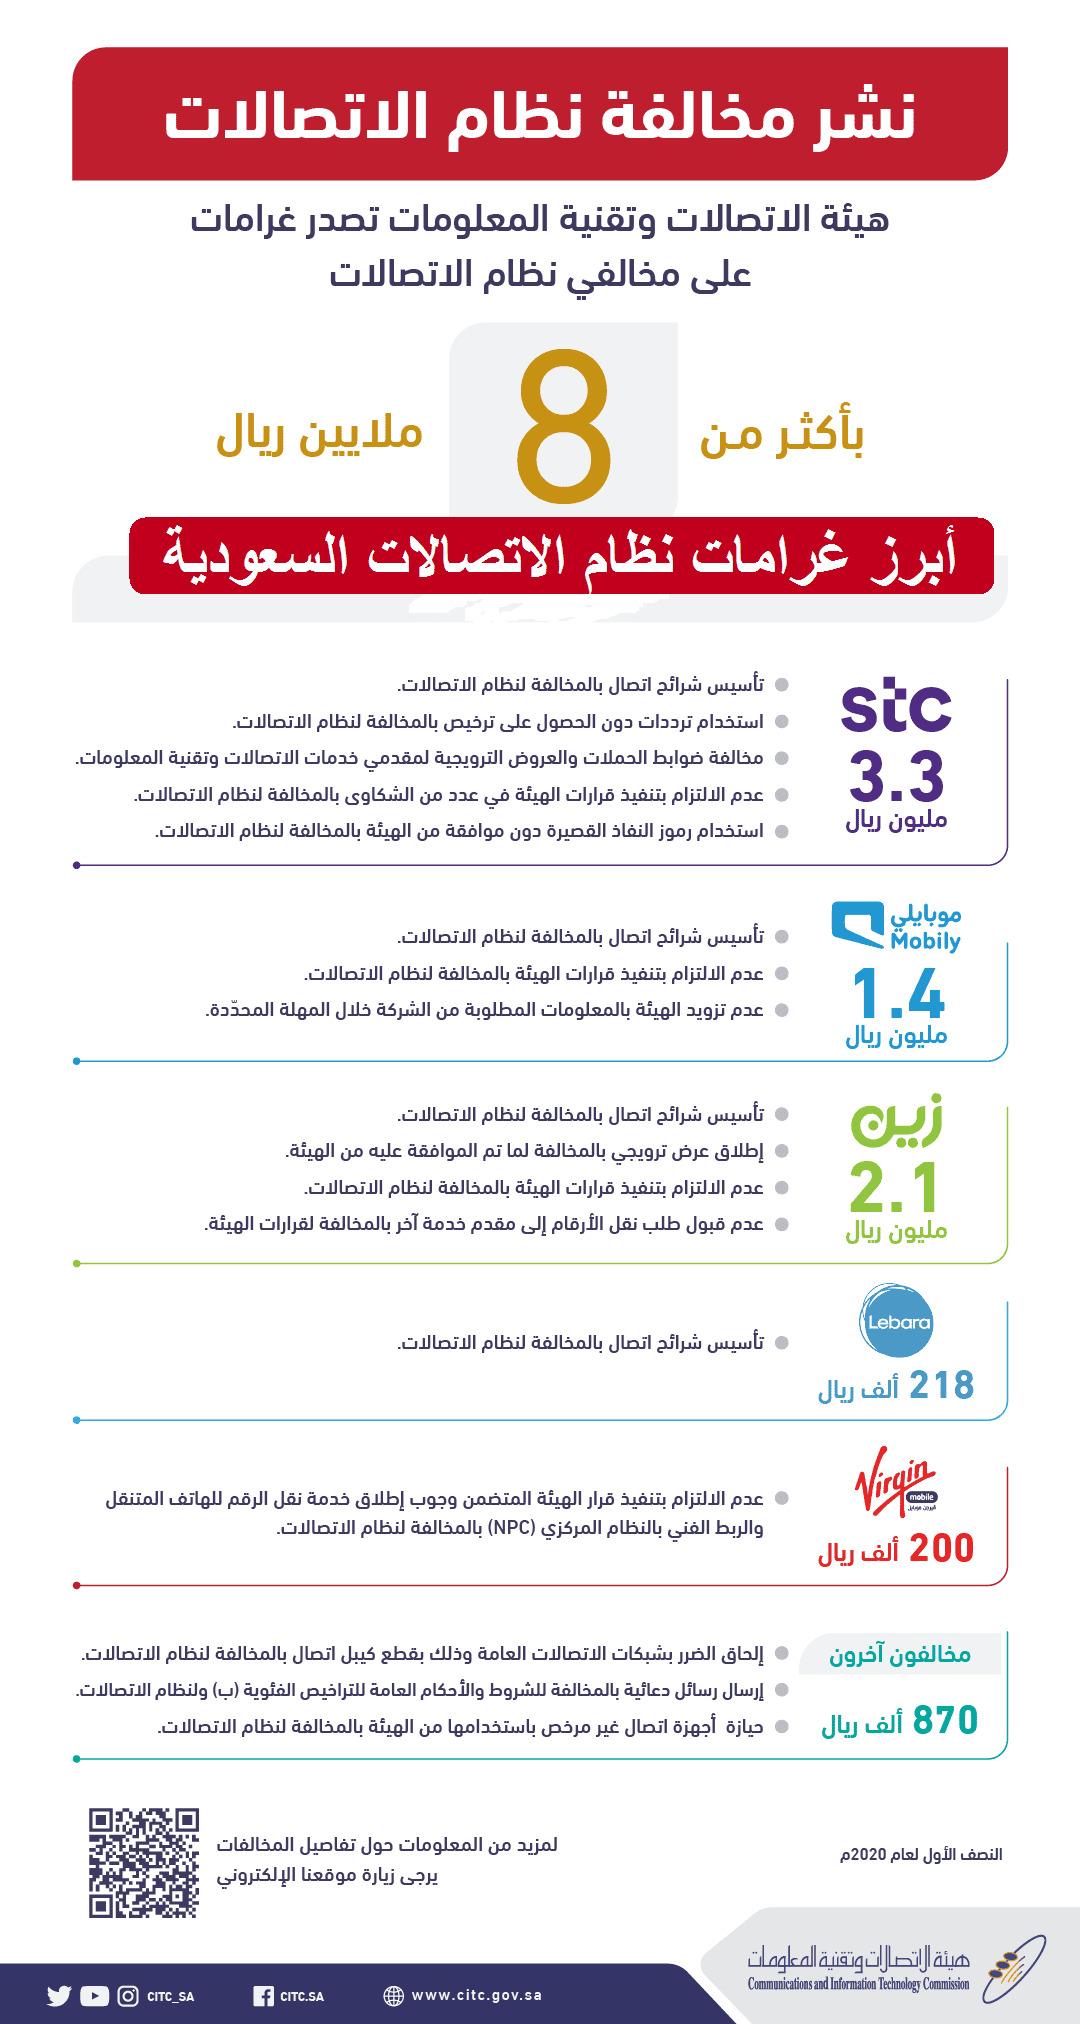 غرامات هيئة الاتصالات السعودية